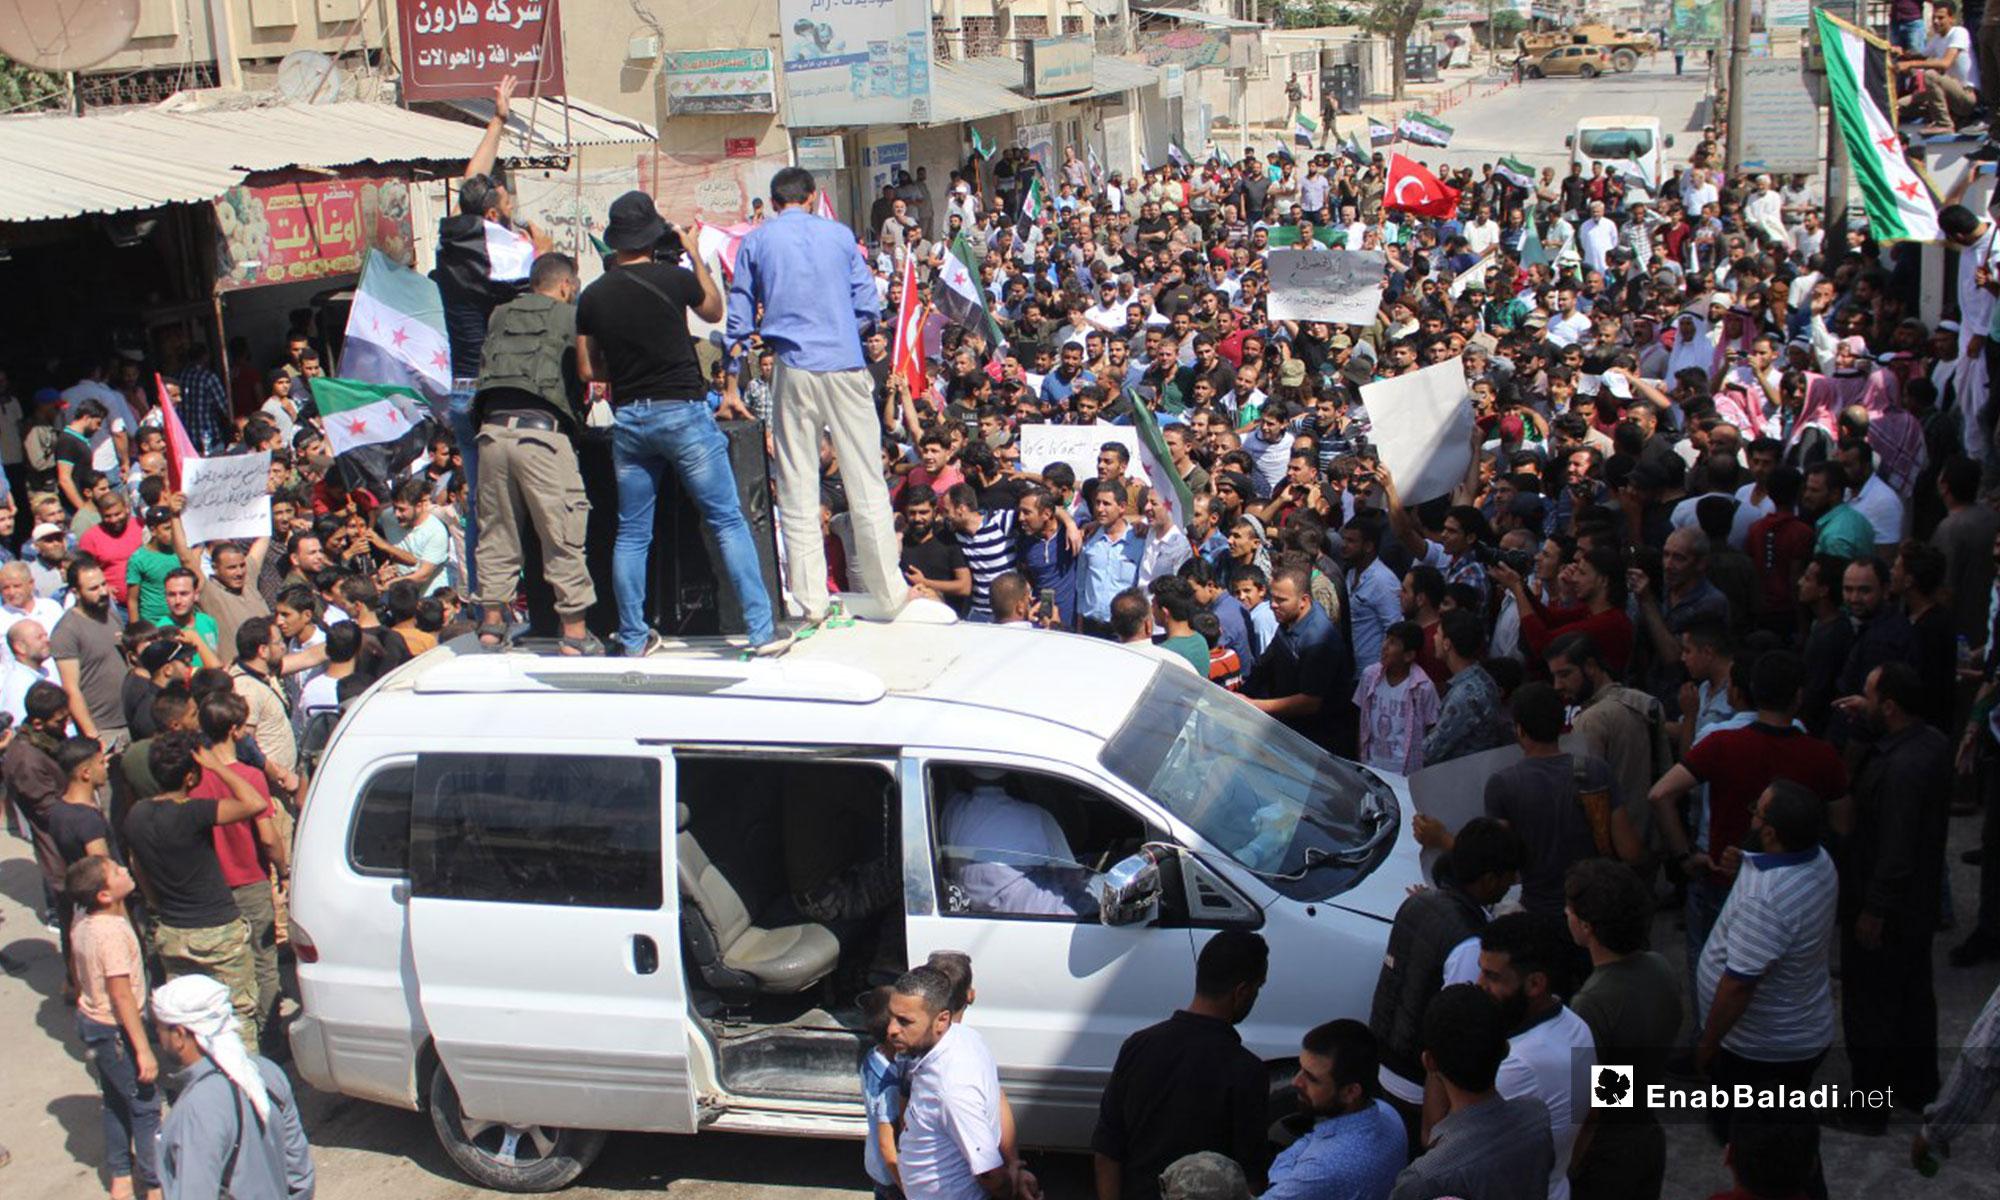 مظاهرة في مدينة اعزاز بريف حلب رفضًا للتدخل الروسي في إدلب - 7 من أيلول 2018 (عنب بلدي)